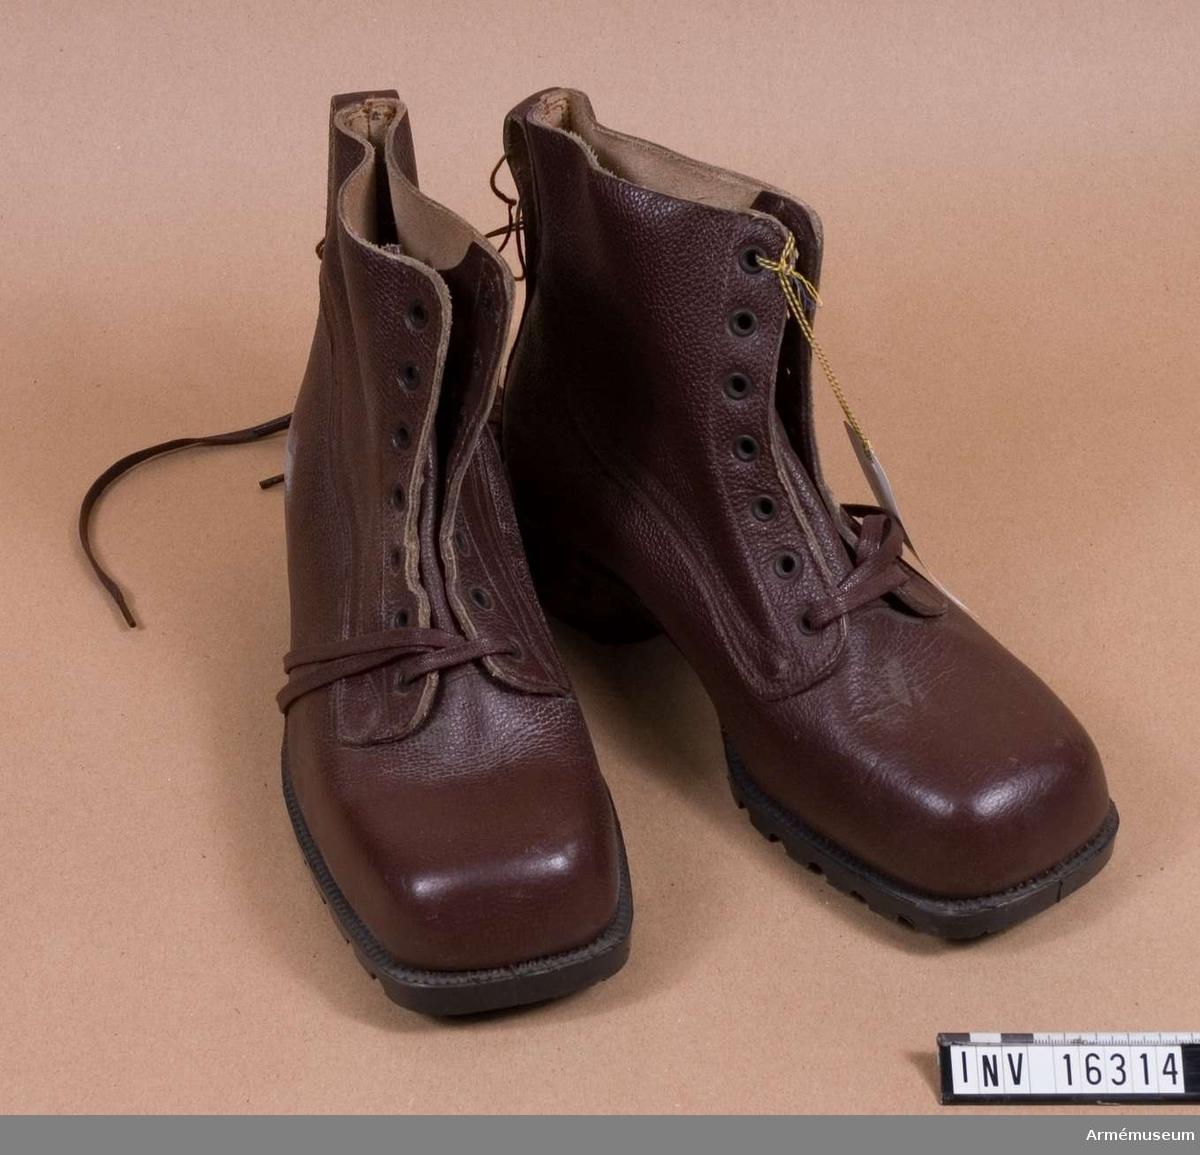 Av brunt läder, med snörning och kraftig gummisula. Urtag i klacken för skidbindning. Storlek 43.